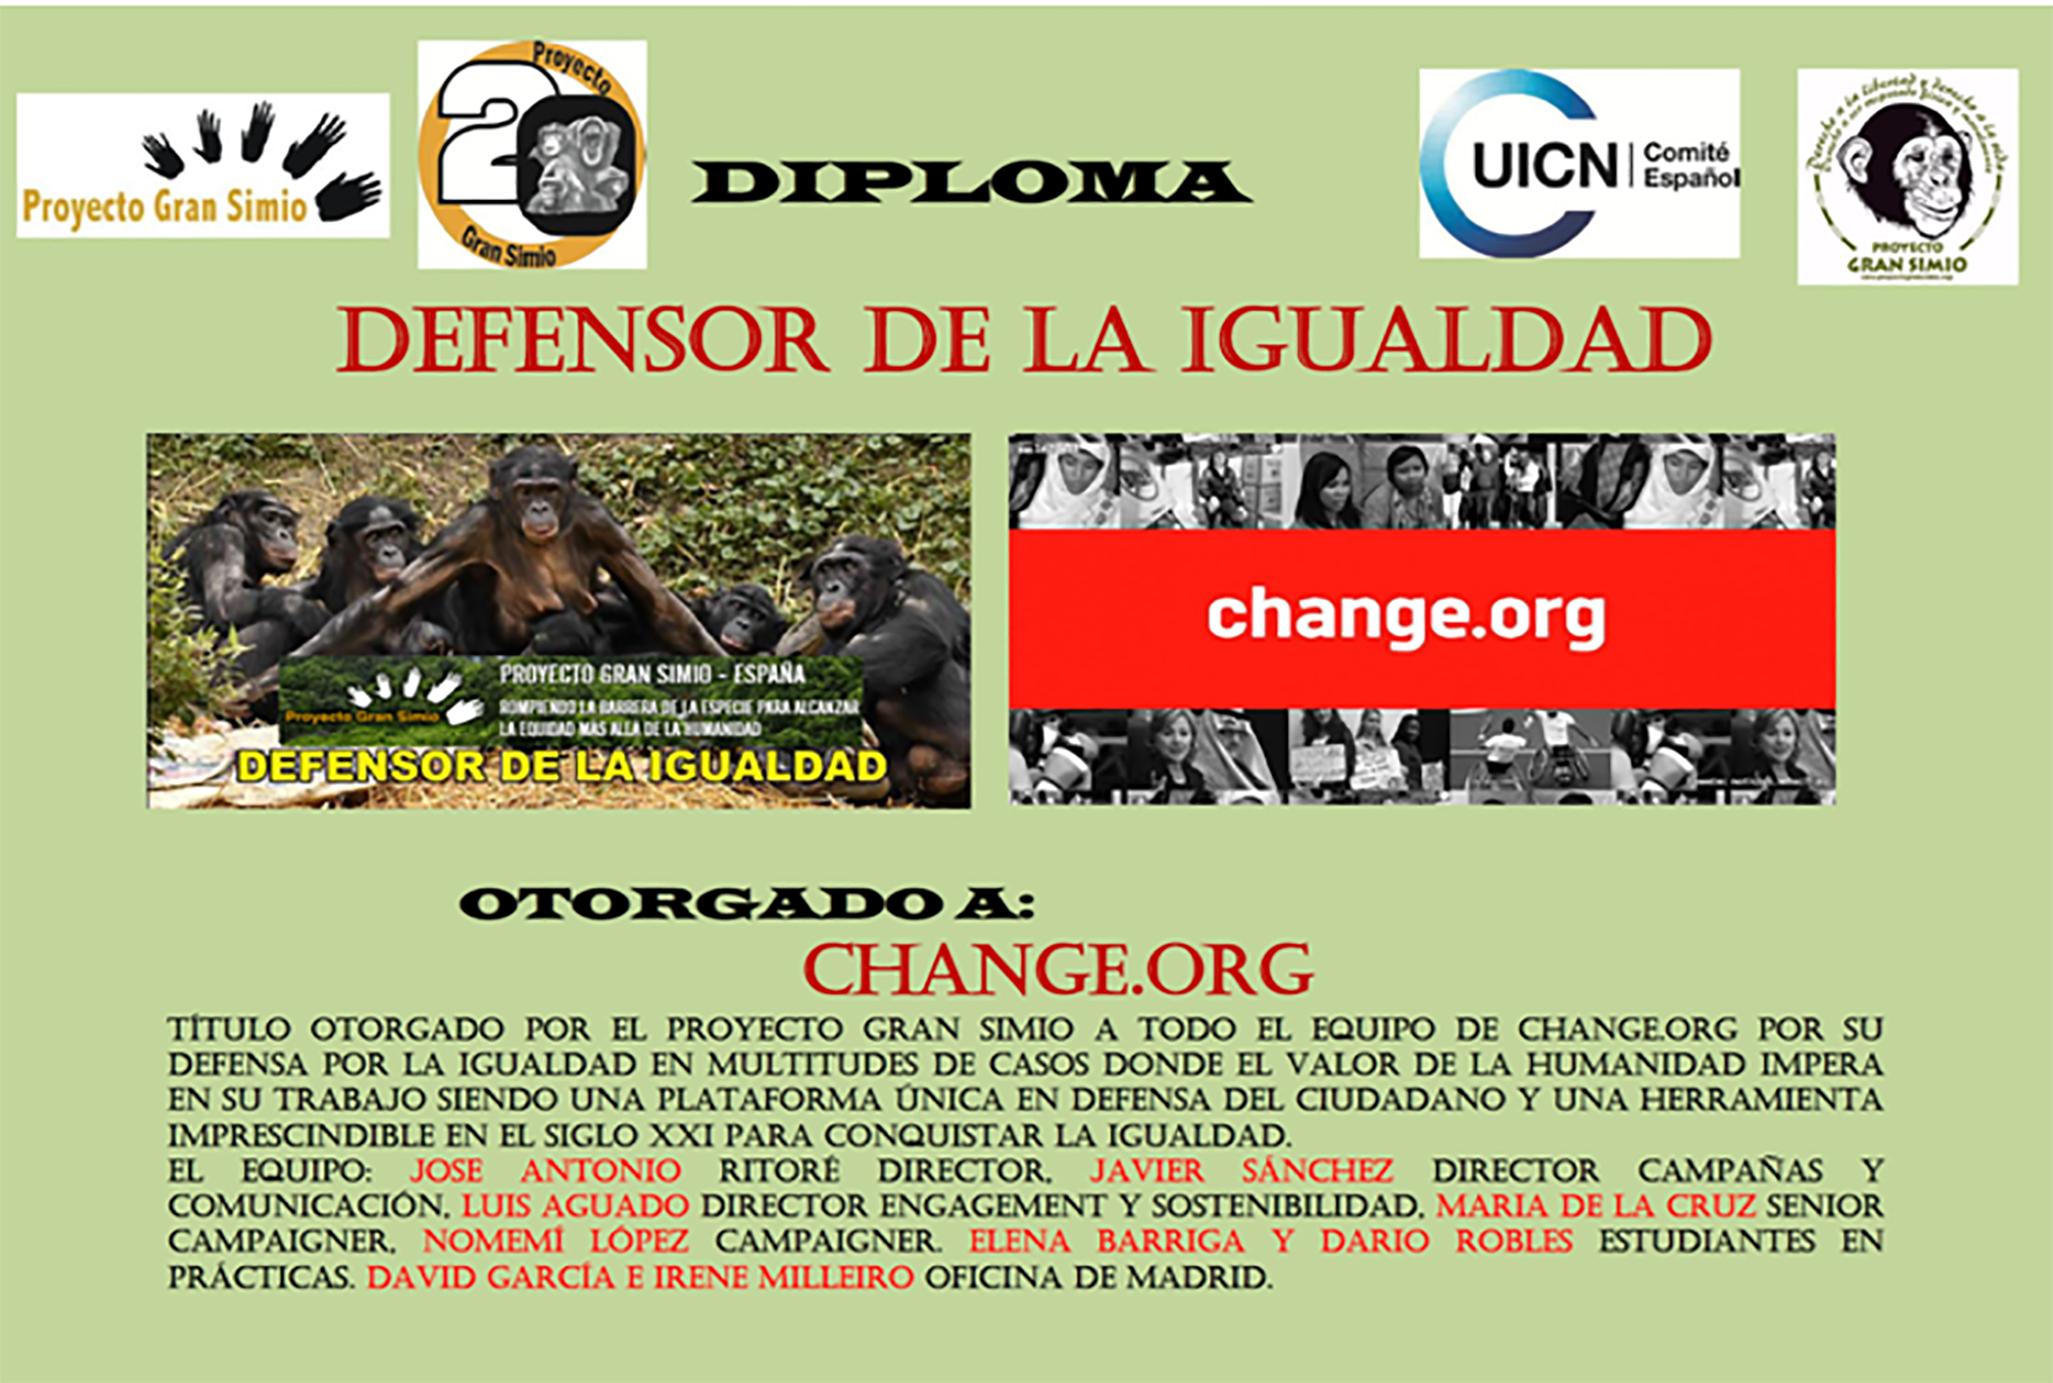 """PROYECTO GRAN SIMIO CONCEDE EN SU 20 ANIVERSARIO, EL DIPLOMA """"DEFENSOR DE LA IGUALDAD"""", AL EQUIPO DE CHANGE.ORG"""